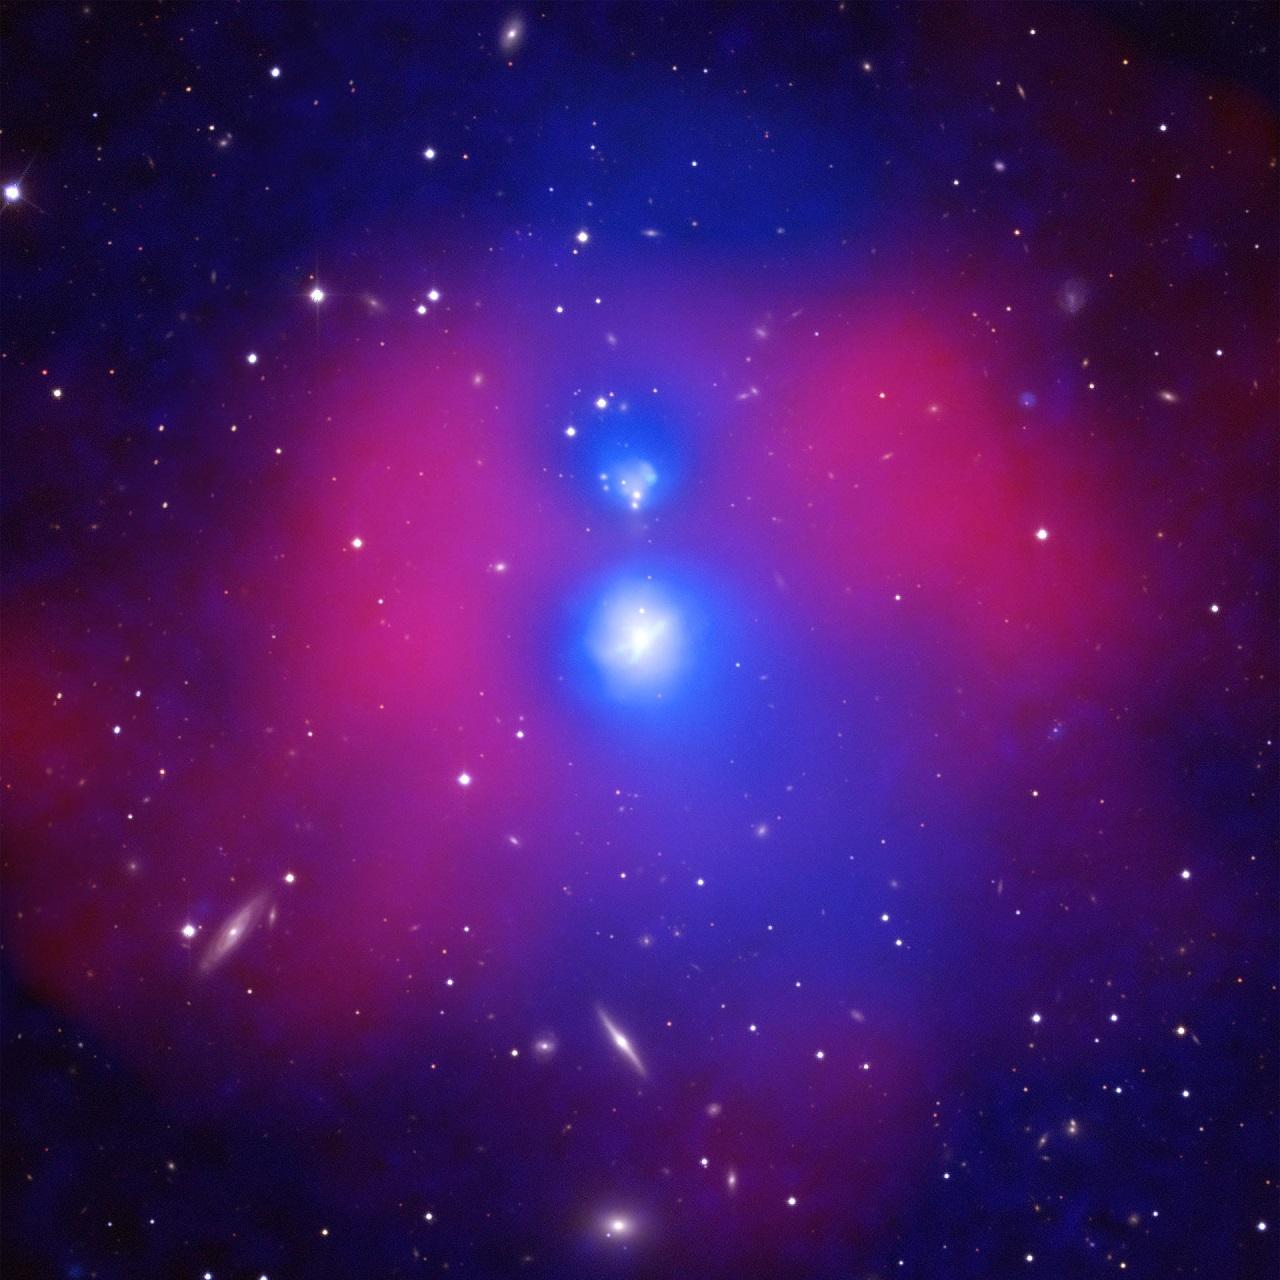 აღმოჩენილია გალაქტიკათა ორი უზარმაზარი ჯგუფი, რომელიც მალე ერთმანეთს შეეჯახება